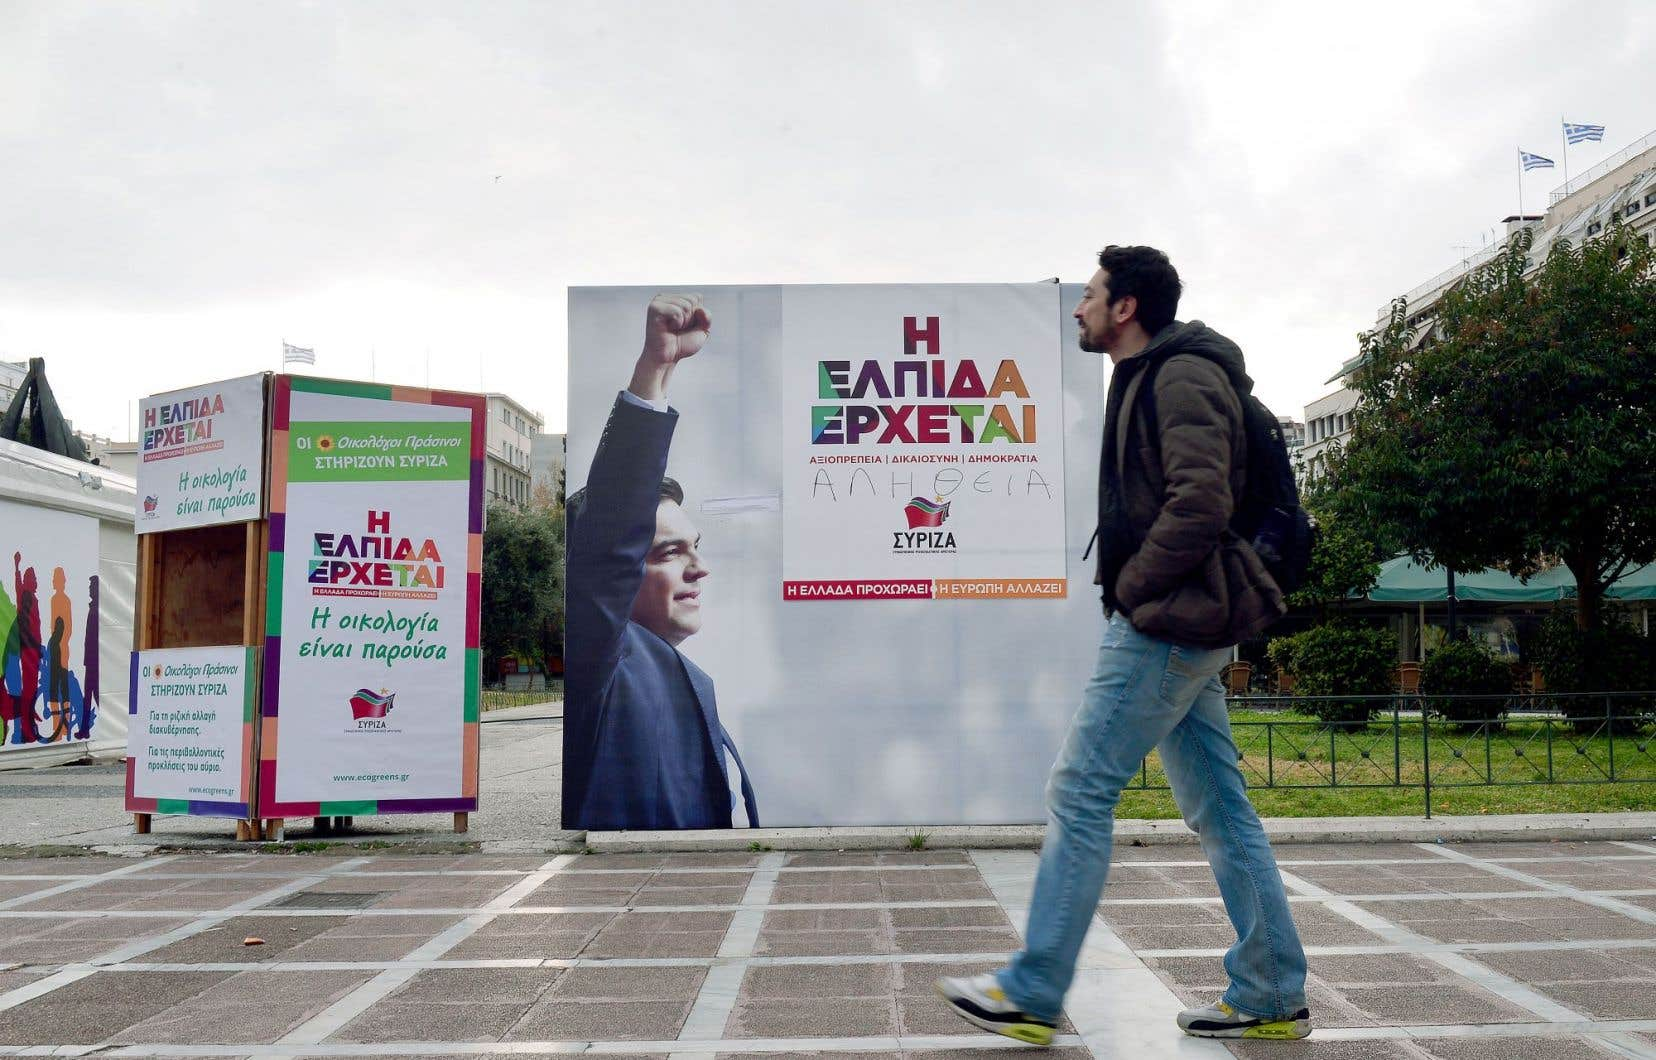 À Athènes, un homme passe devant une affiche appelant à voter pour le parti Syriza d'Alexis Tsipras, une formation anti-austérité en avance dans les sondages.